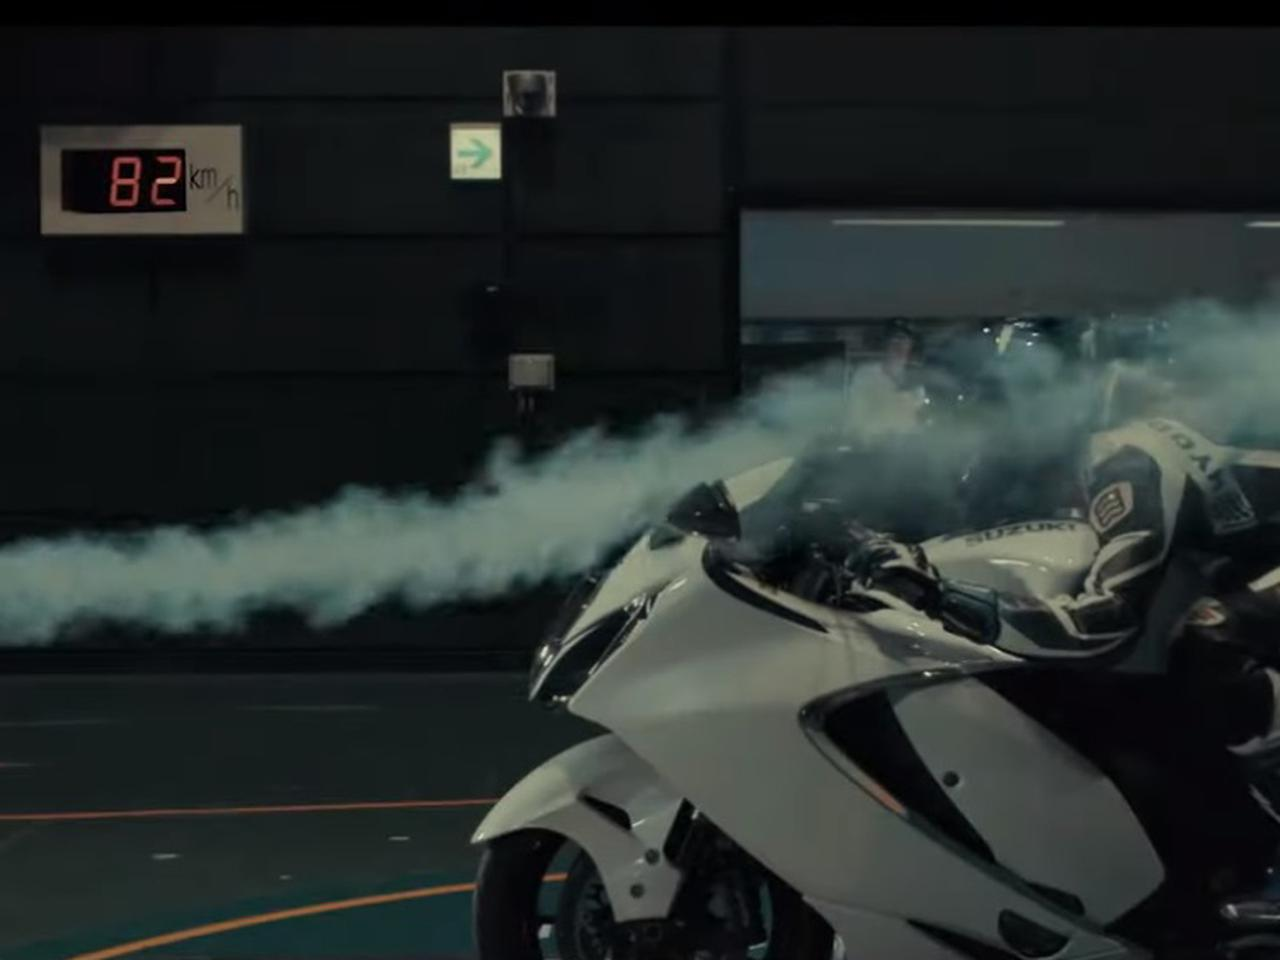 画像: 【開発ストーリー】ターボも、6気筒も、大排気量も全部やった。そのうえで新型ハヤブサは1340cc/190馬力を選んだ! - スズキのバイク!